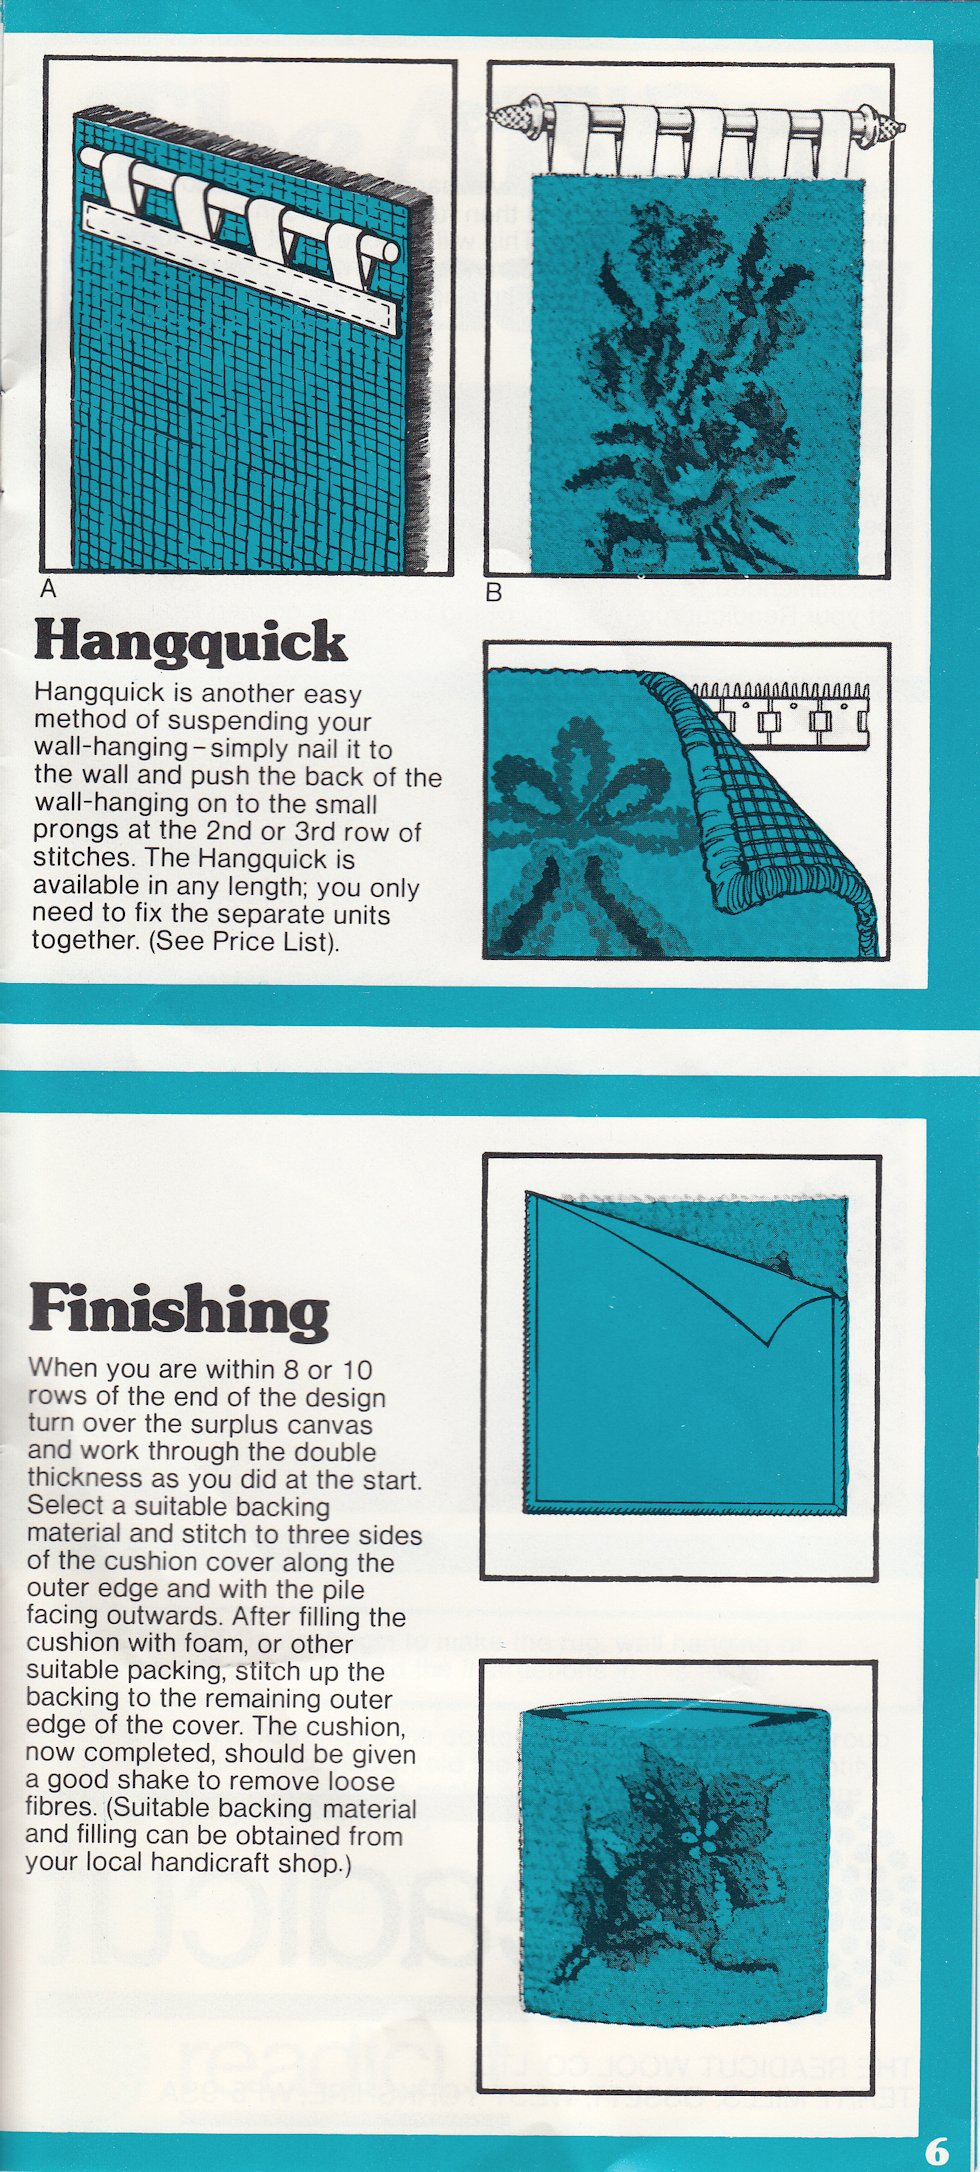 Rugs readicut instruction leaflet